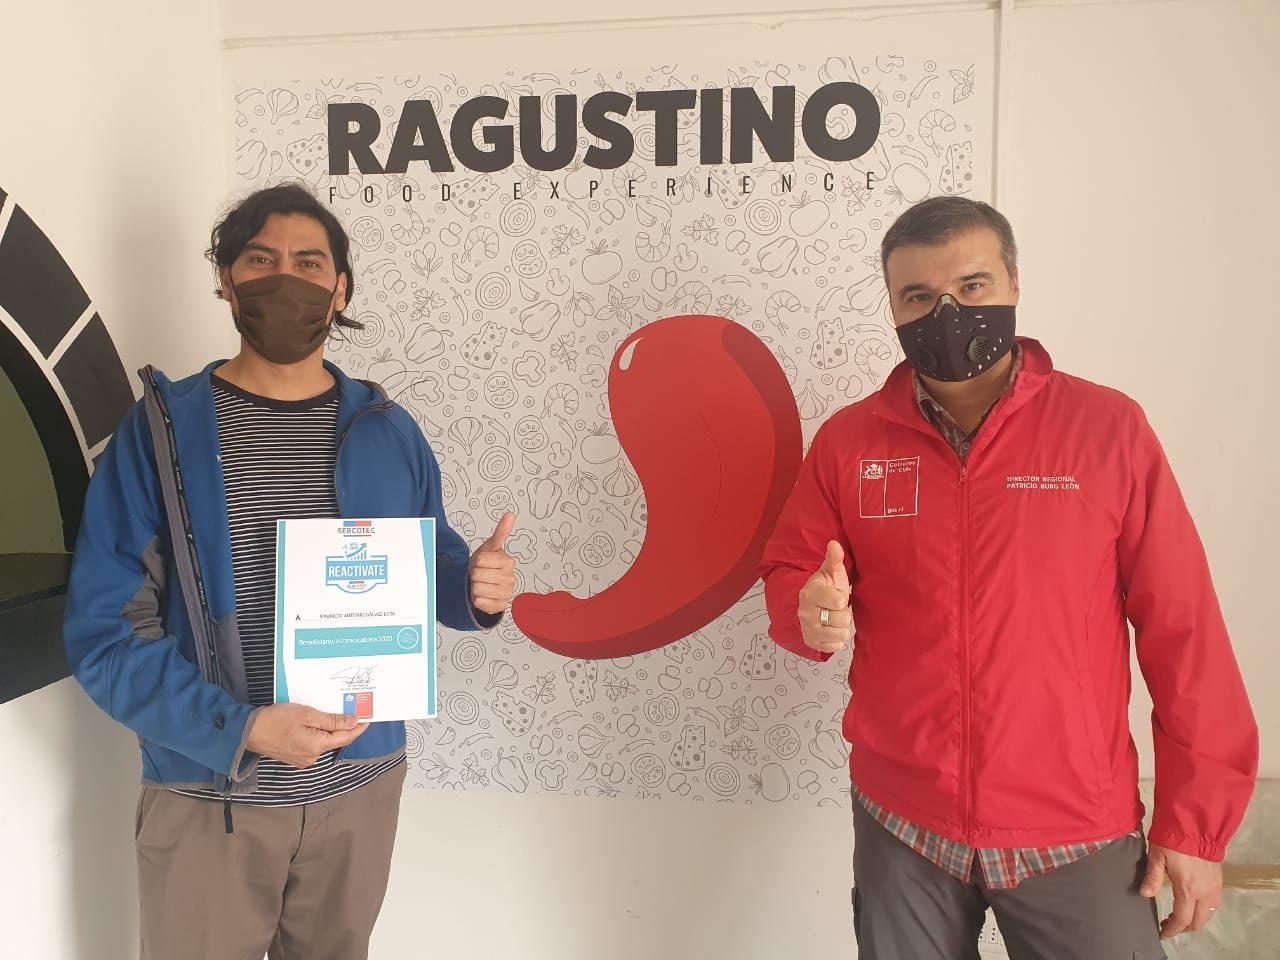 Ganador-Reactívate-Con-Sercotec-restaurant-Ragustino